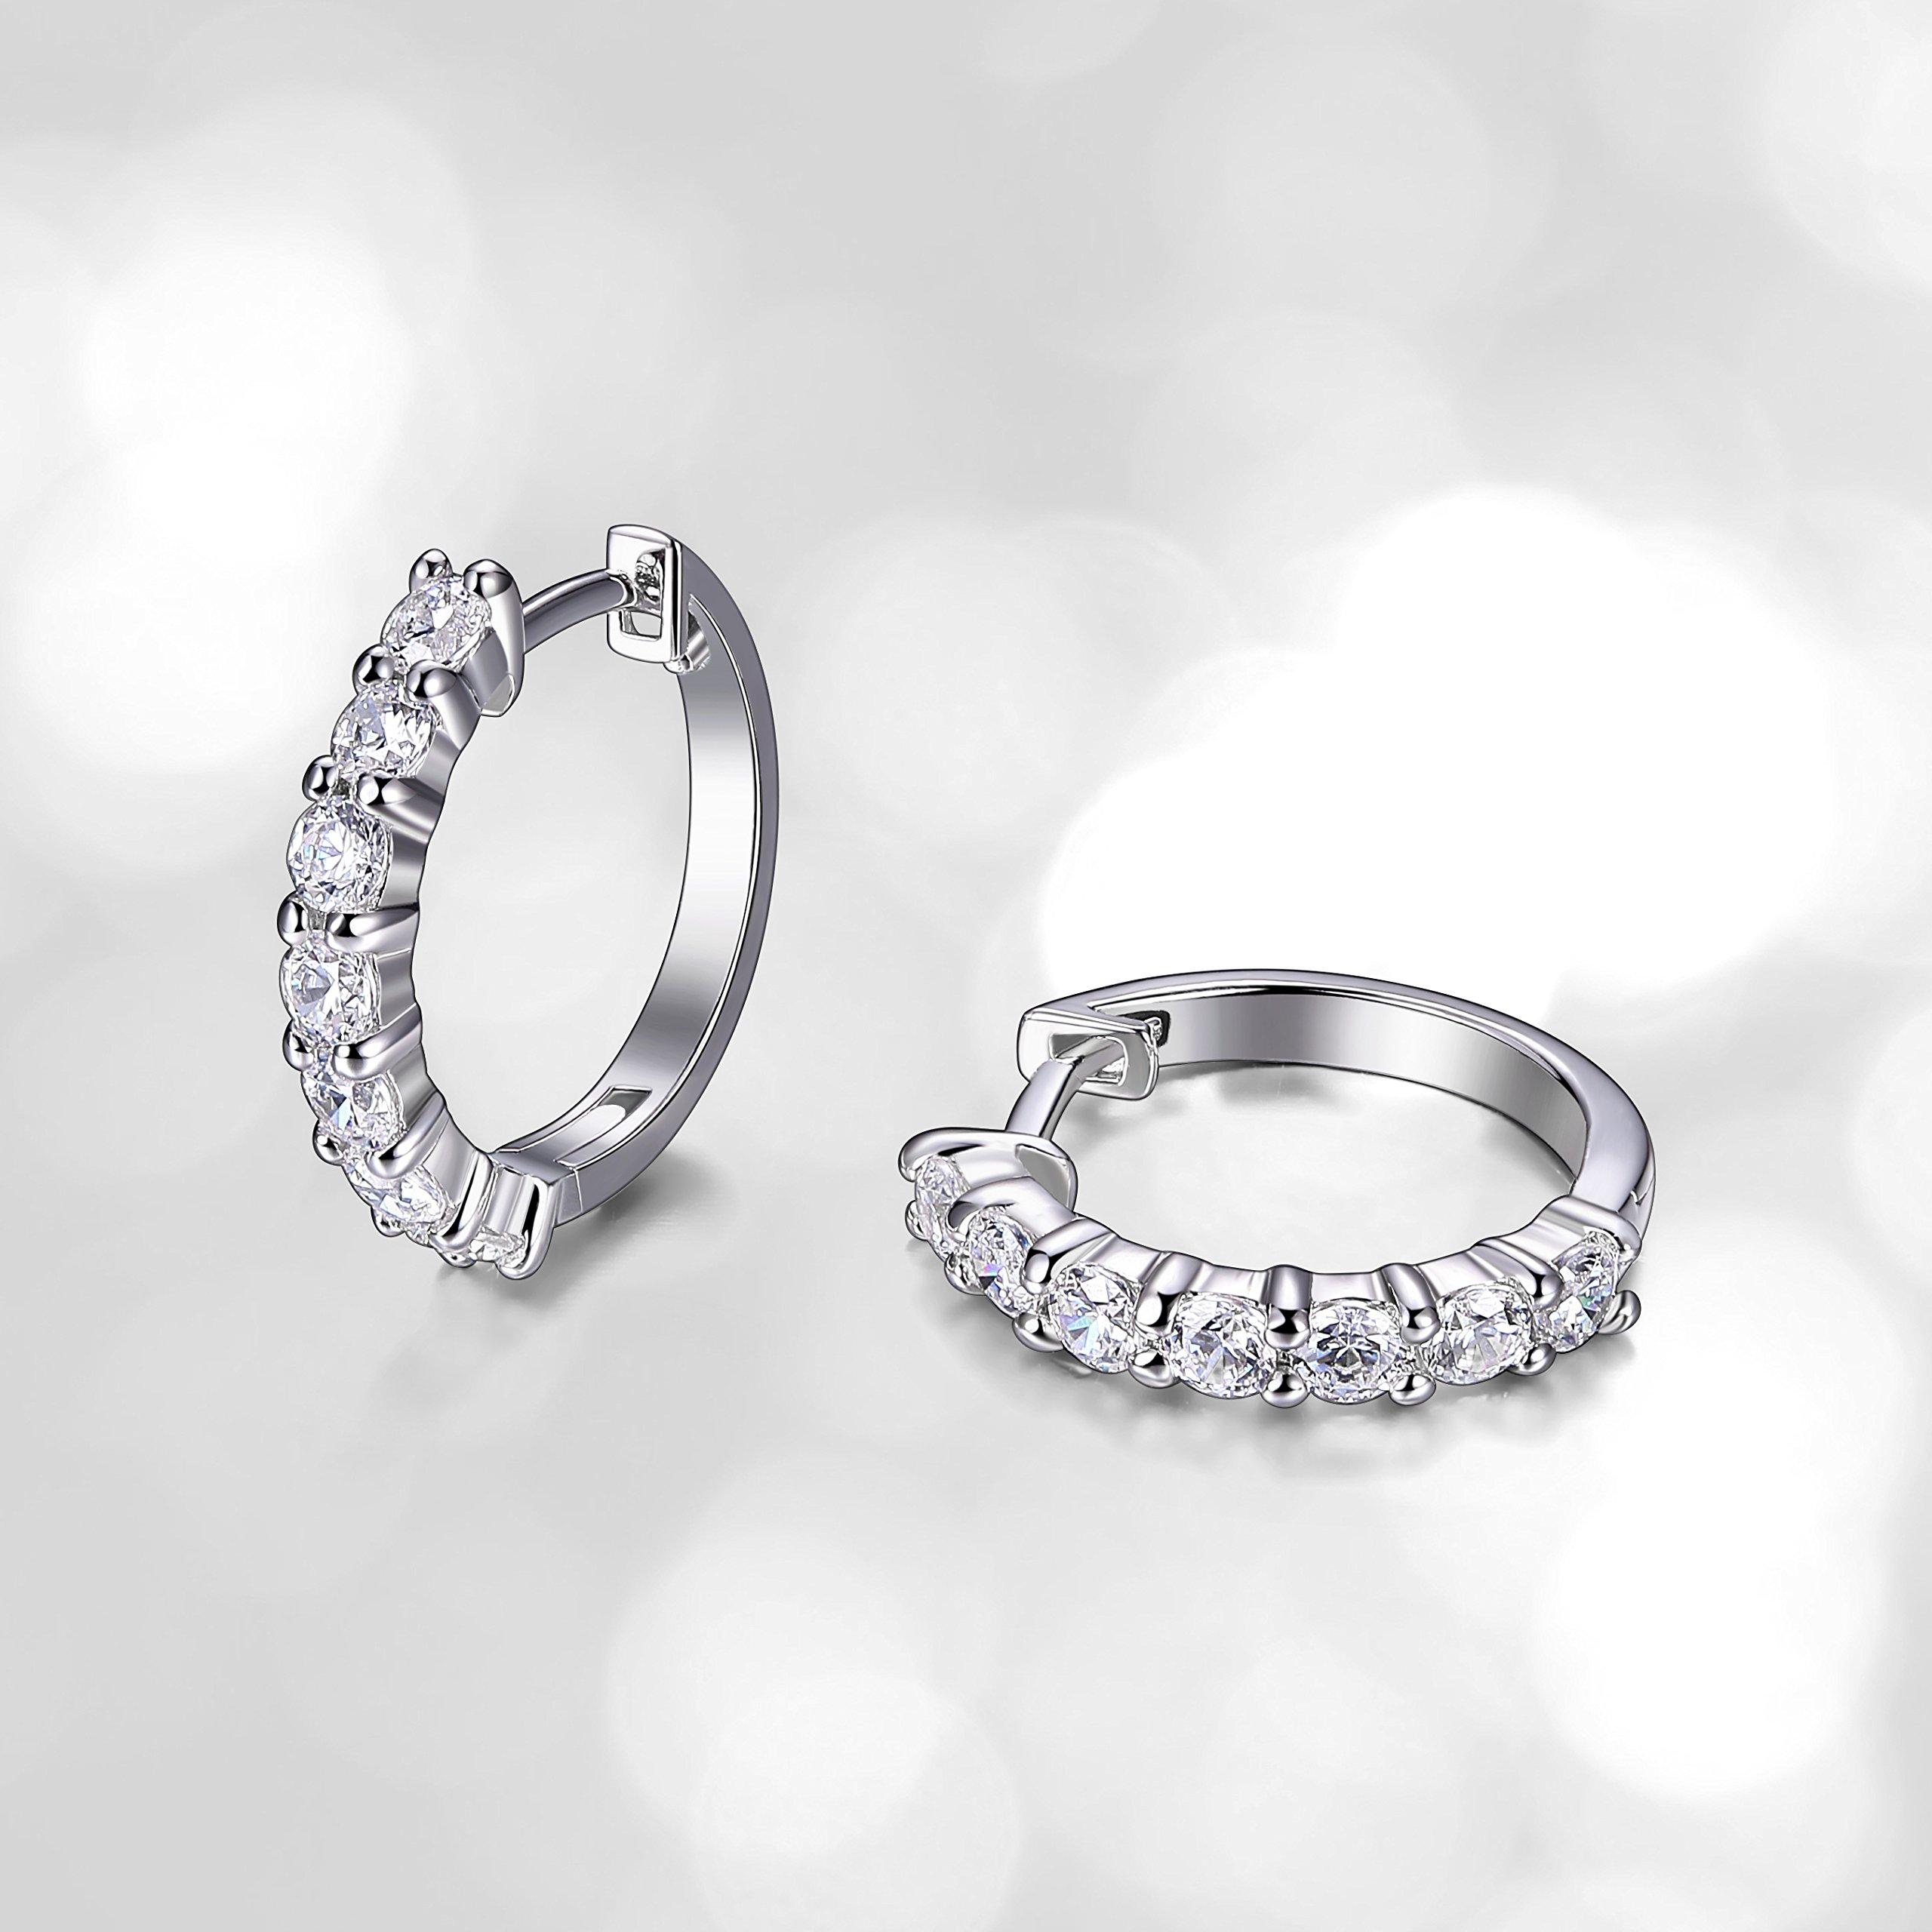 Sterling Silver Cubic Zirconia Hinged Huggie Hoop Earrings (0.84 cttw, 0.64'' diameter)